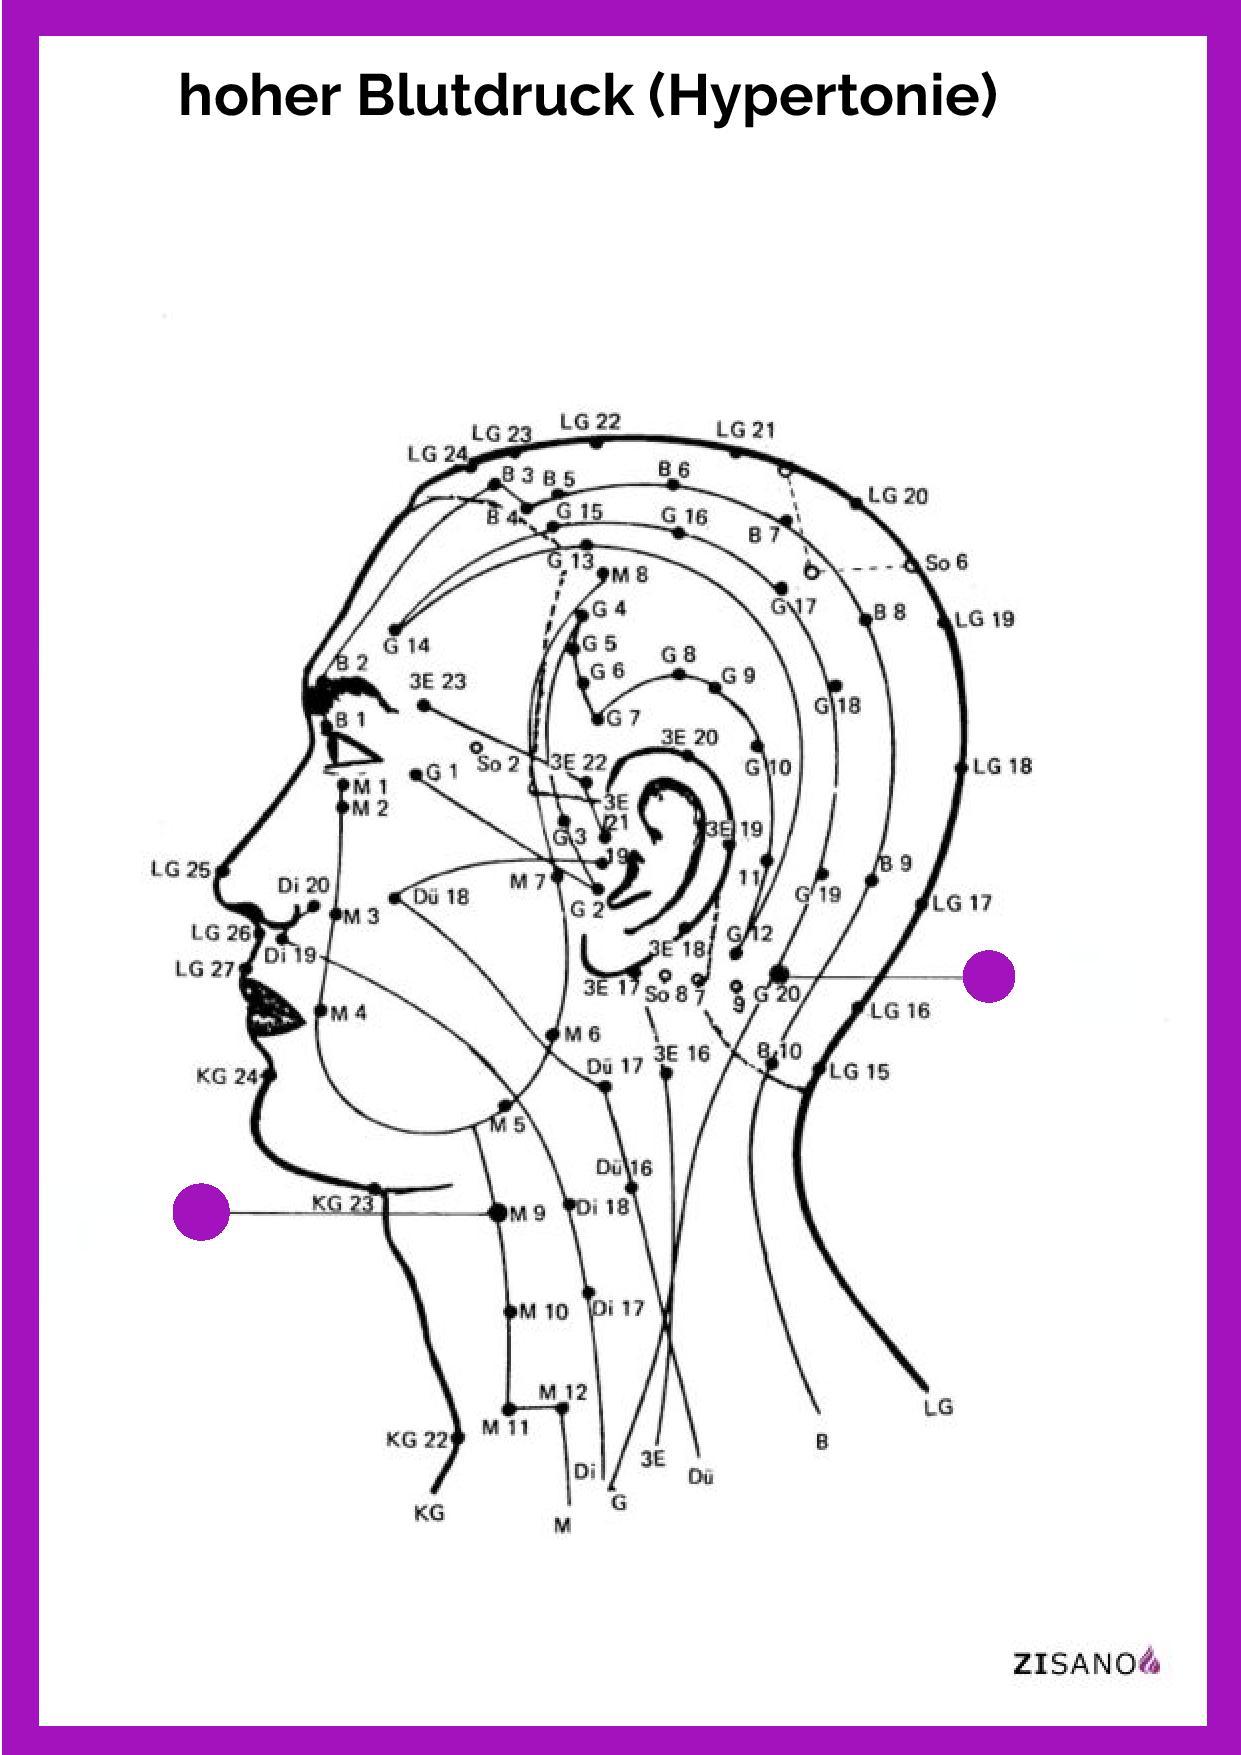 Meridiane - Blutdruck, hoher (Hypertonie) - Behandlung